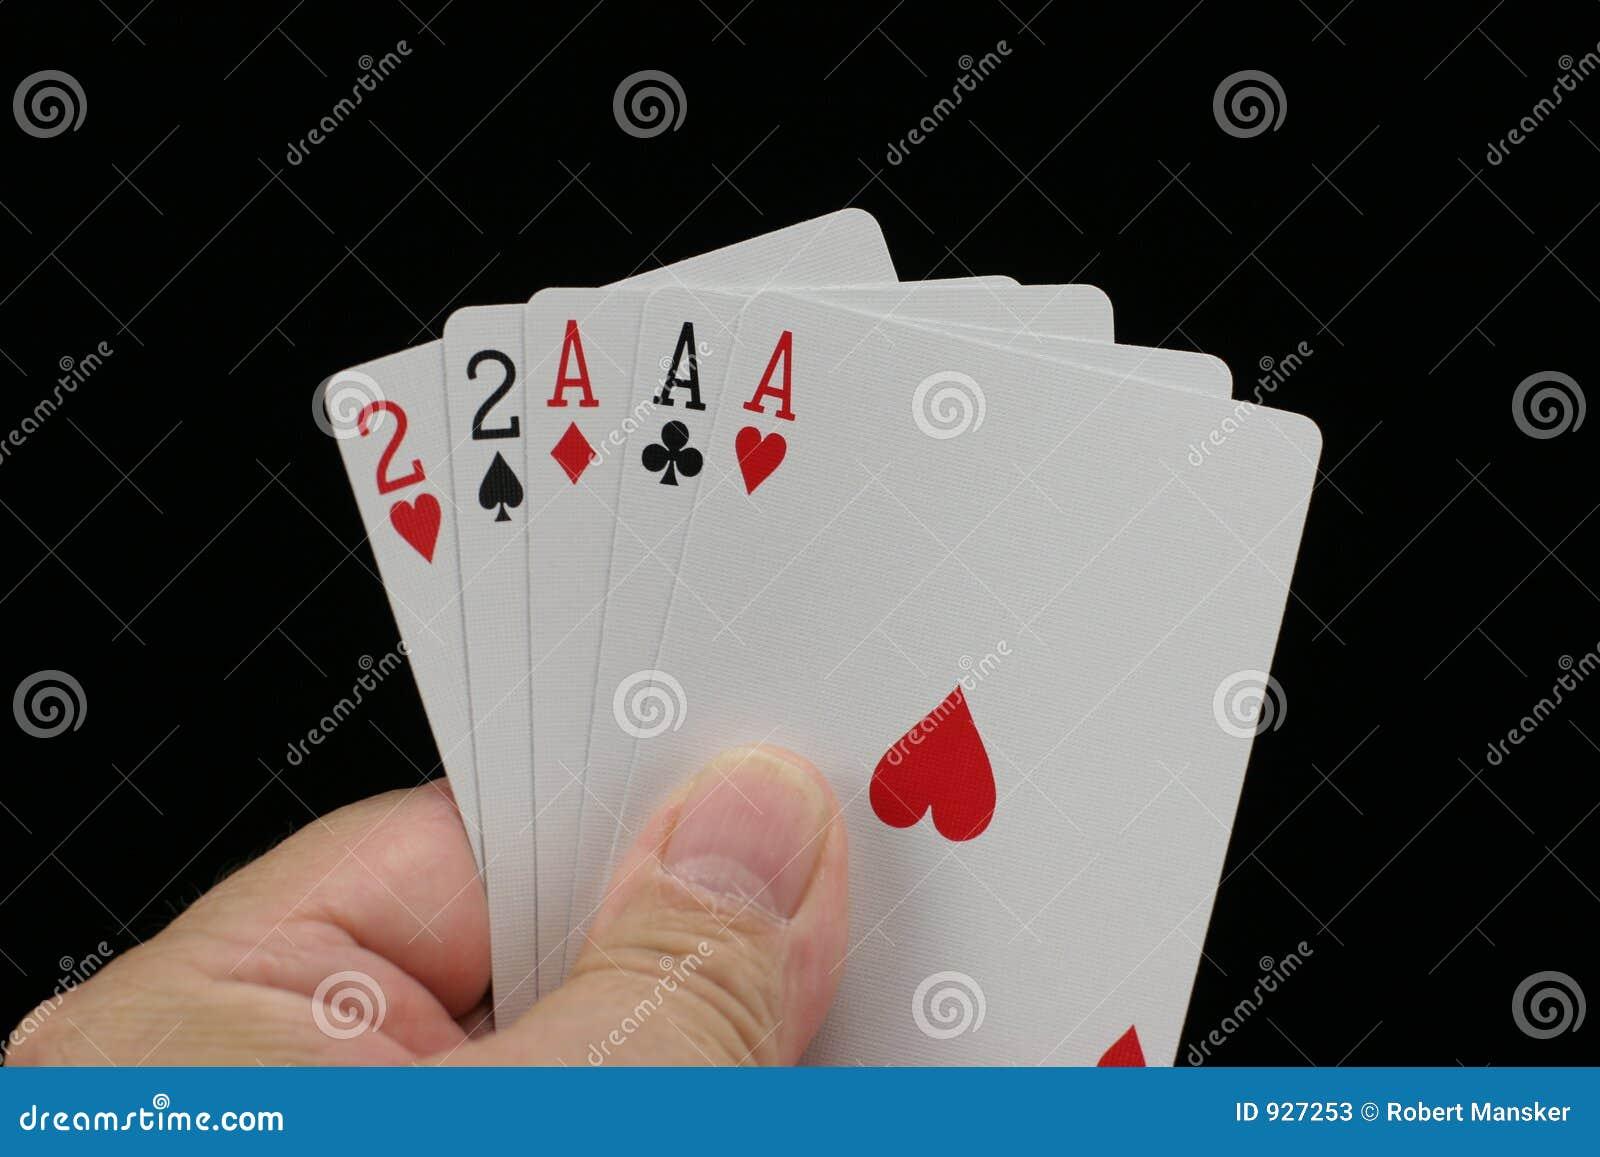 how to win money casino